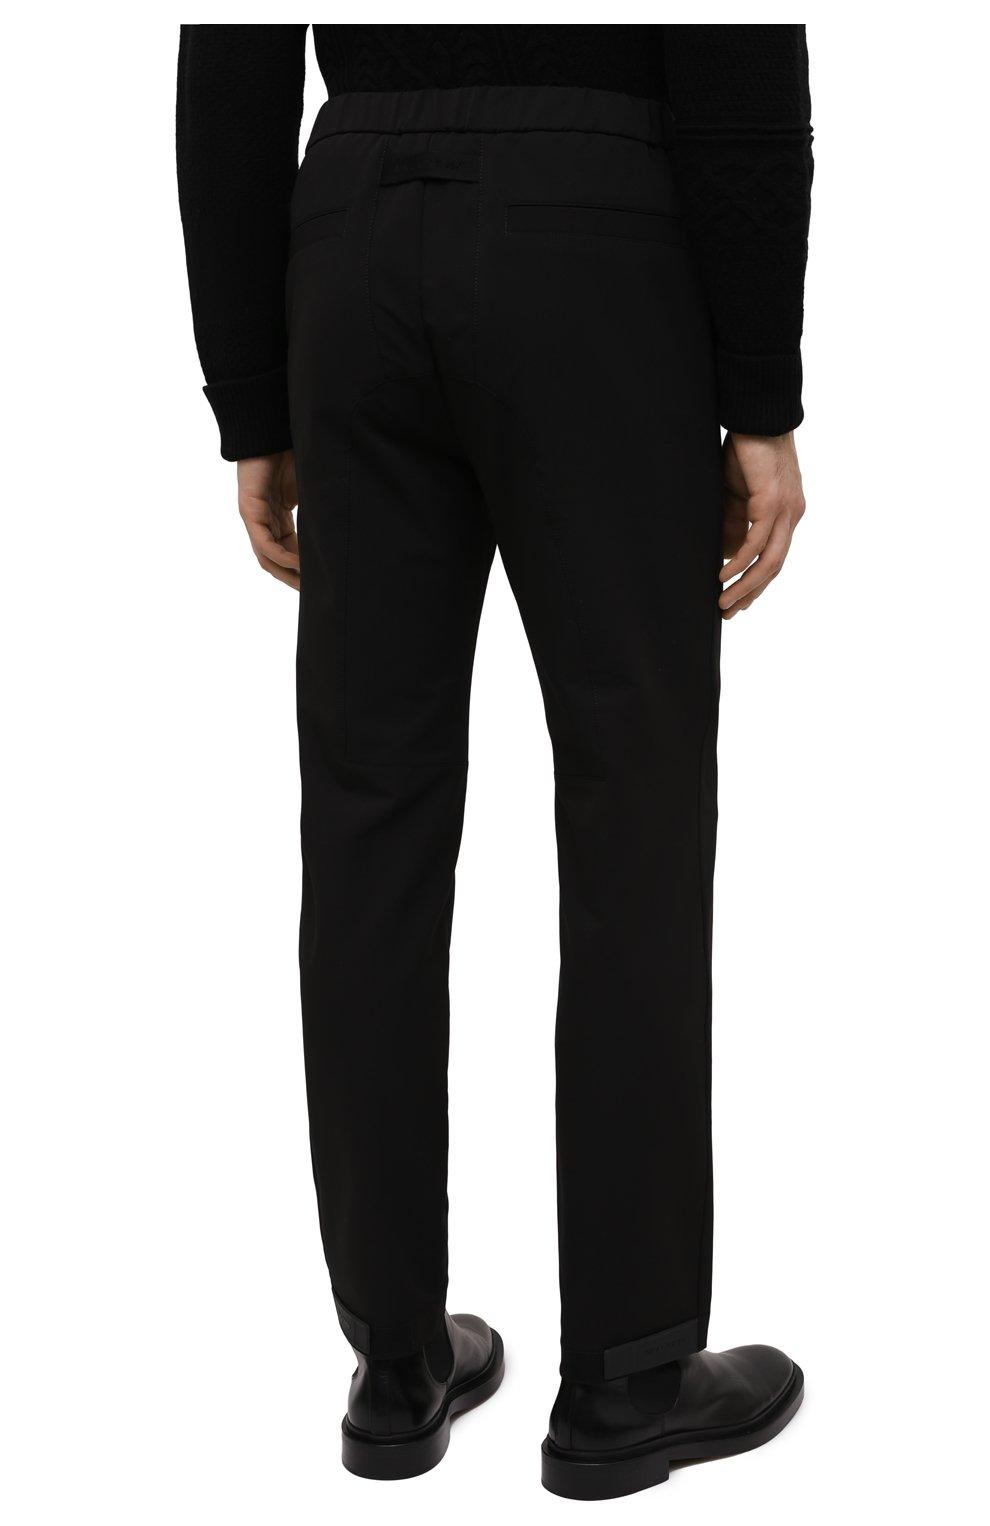 Мужские брюки 1017 ALYX 9SM черного цвета, арт. AAMPA0137FA01 | Фото 4 (Длина (брюки, джинсы): Стандартные; Случай: Повседневный; Материал внешний: Синтетический материал)